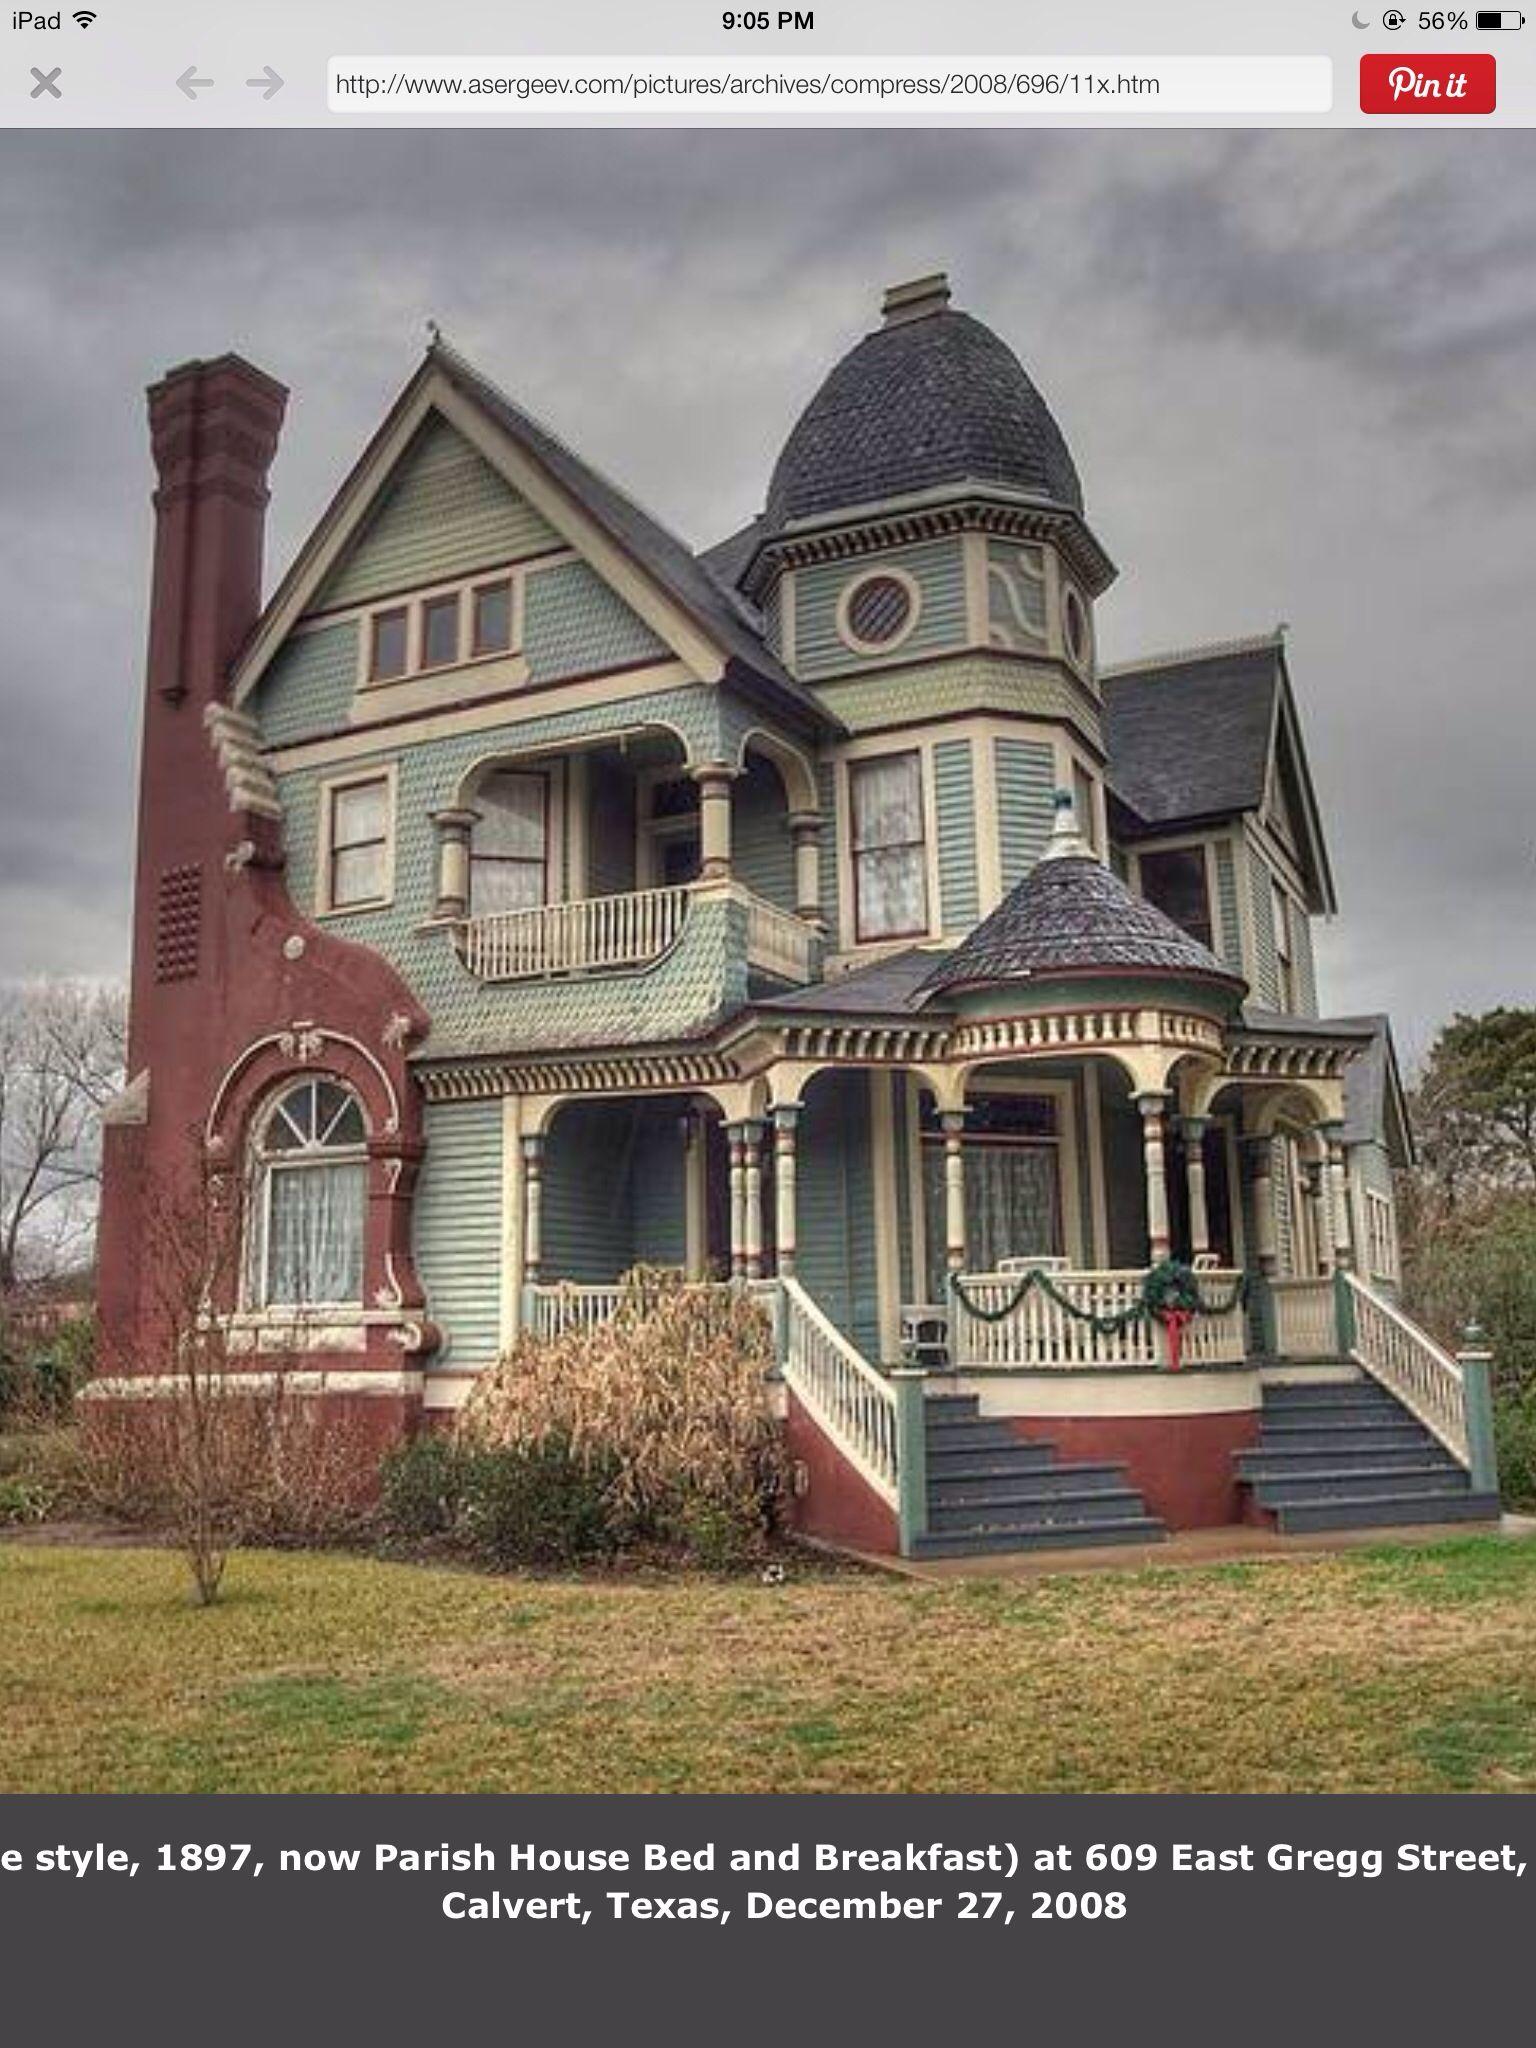 Victorian Exterior Paint Colors Fabulous Exterior Paint Colors With Victorian Exterior Paint